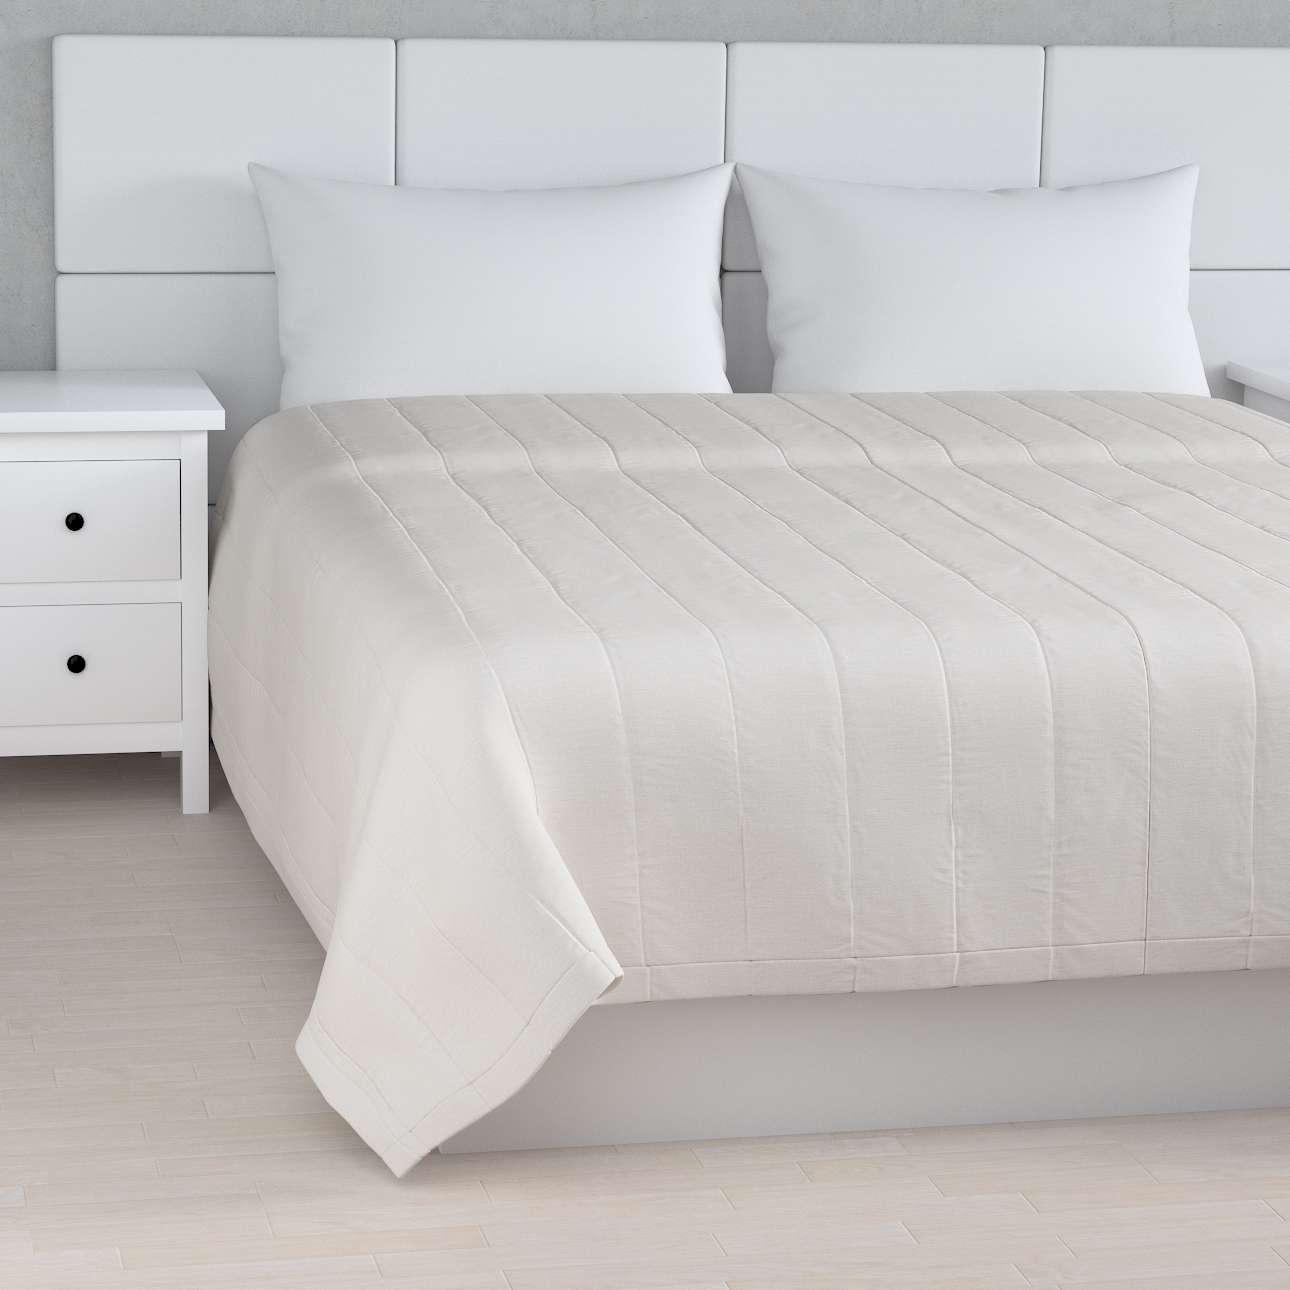 Tagesdecke mit Streifen-Steppung von der Kollektion Leinen, Stoff: 392-04